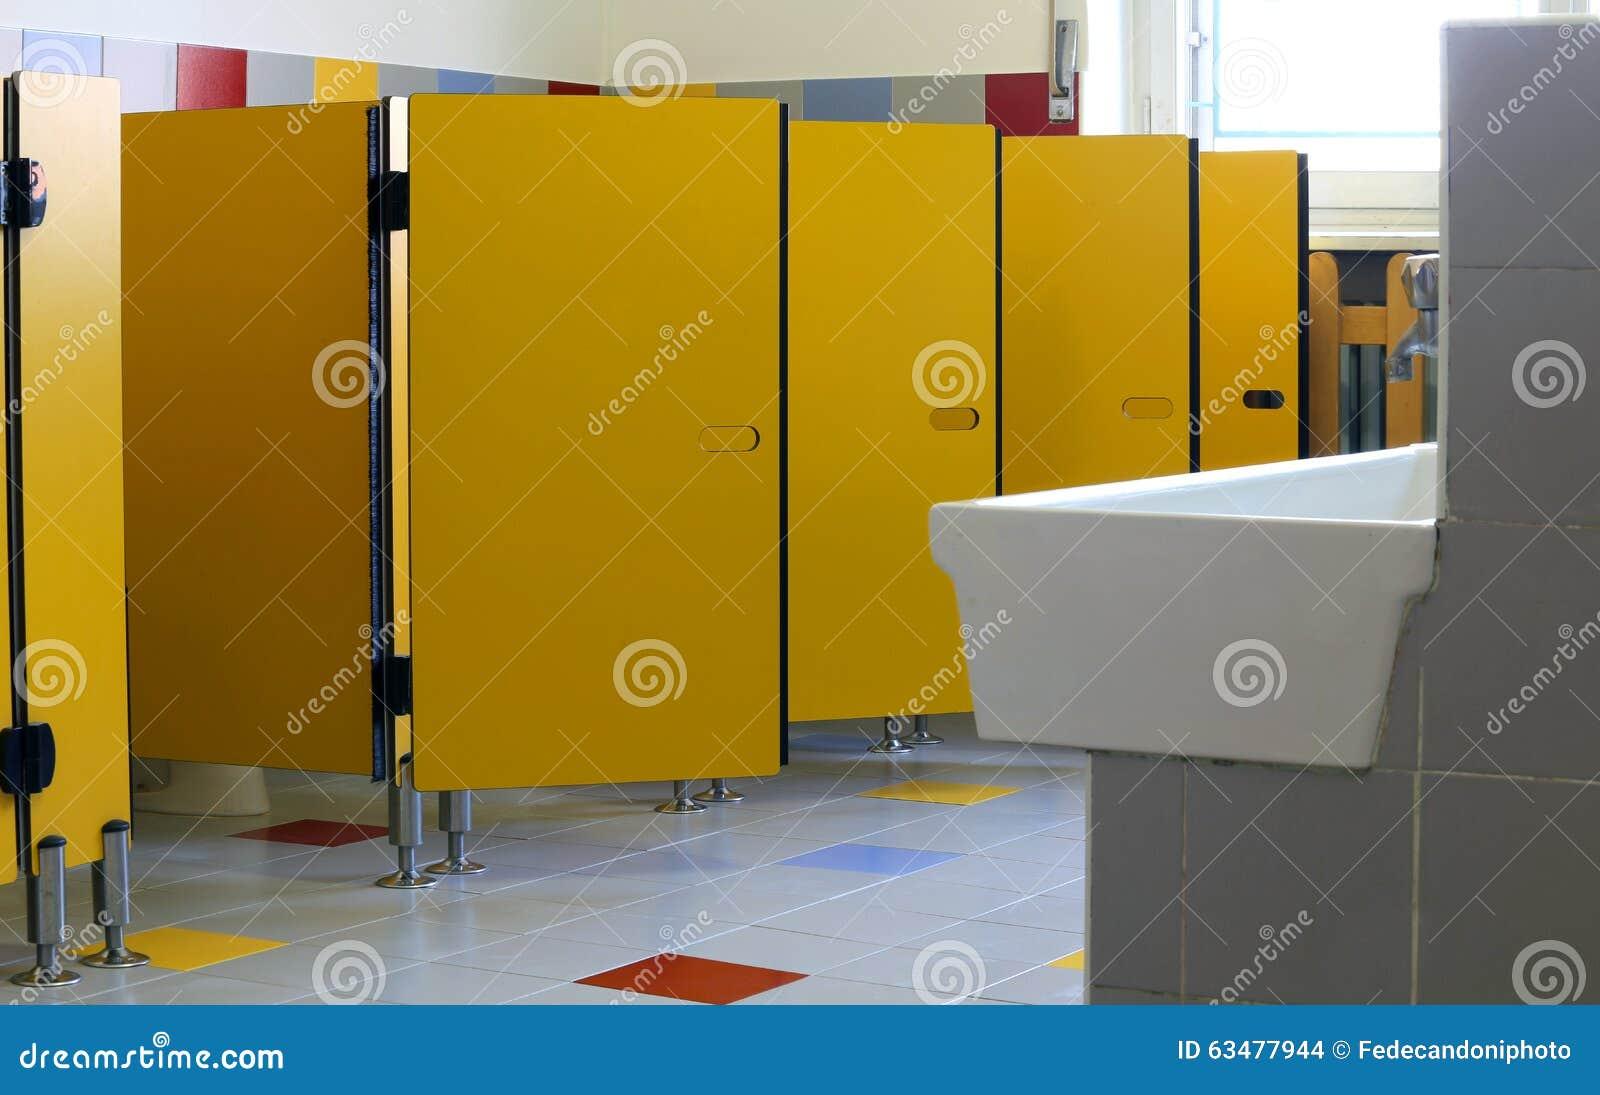 Bagni Della Scuola Materna Con Le Porte Gialle Delle